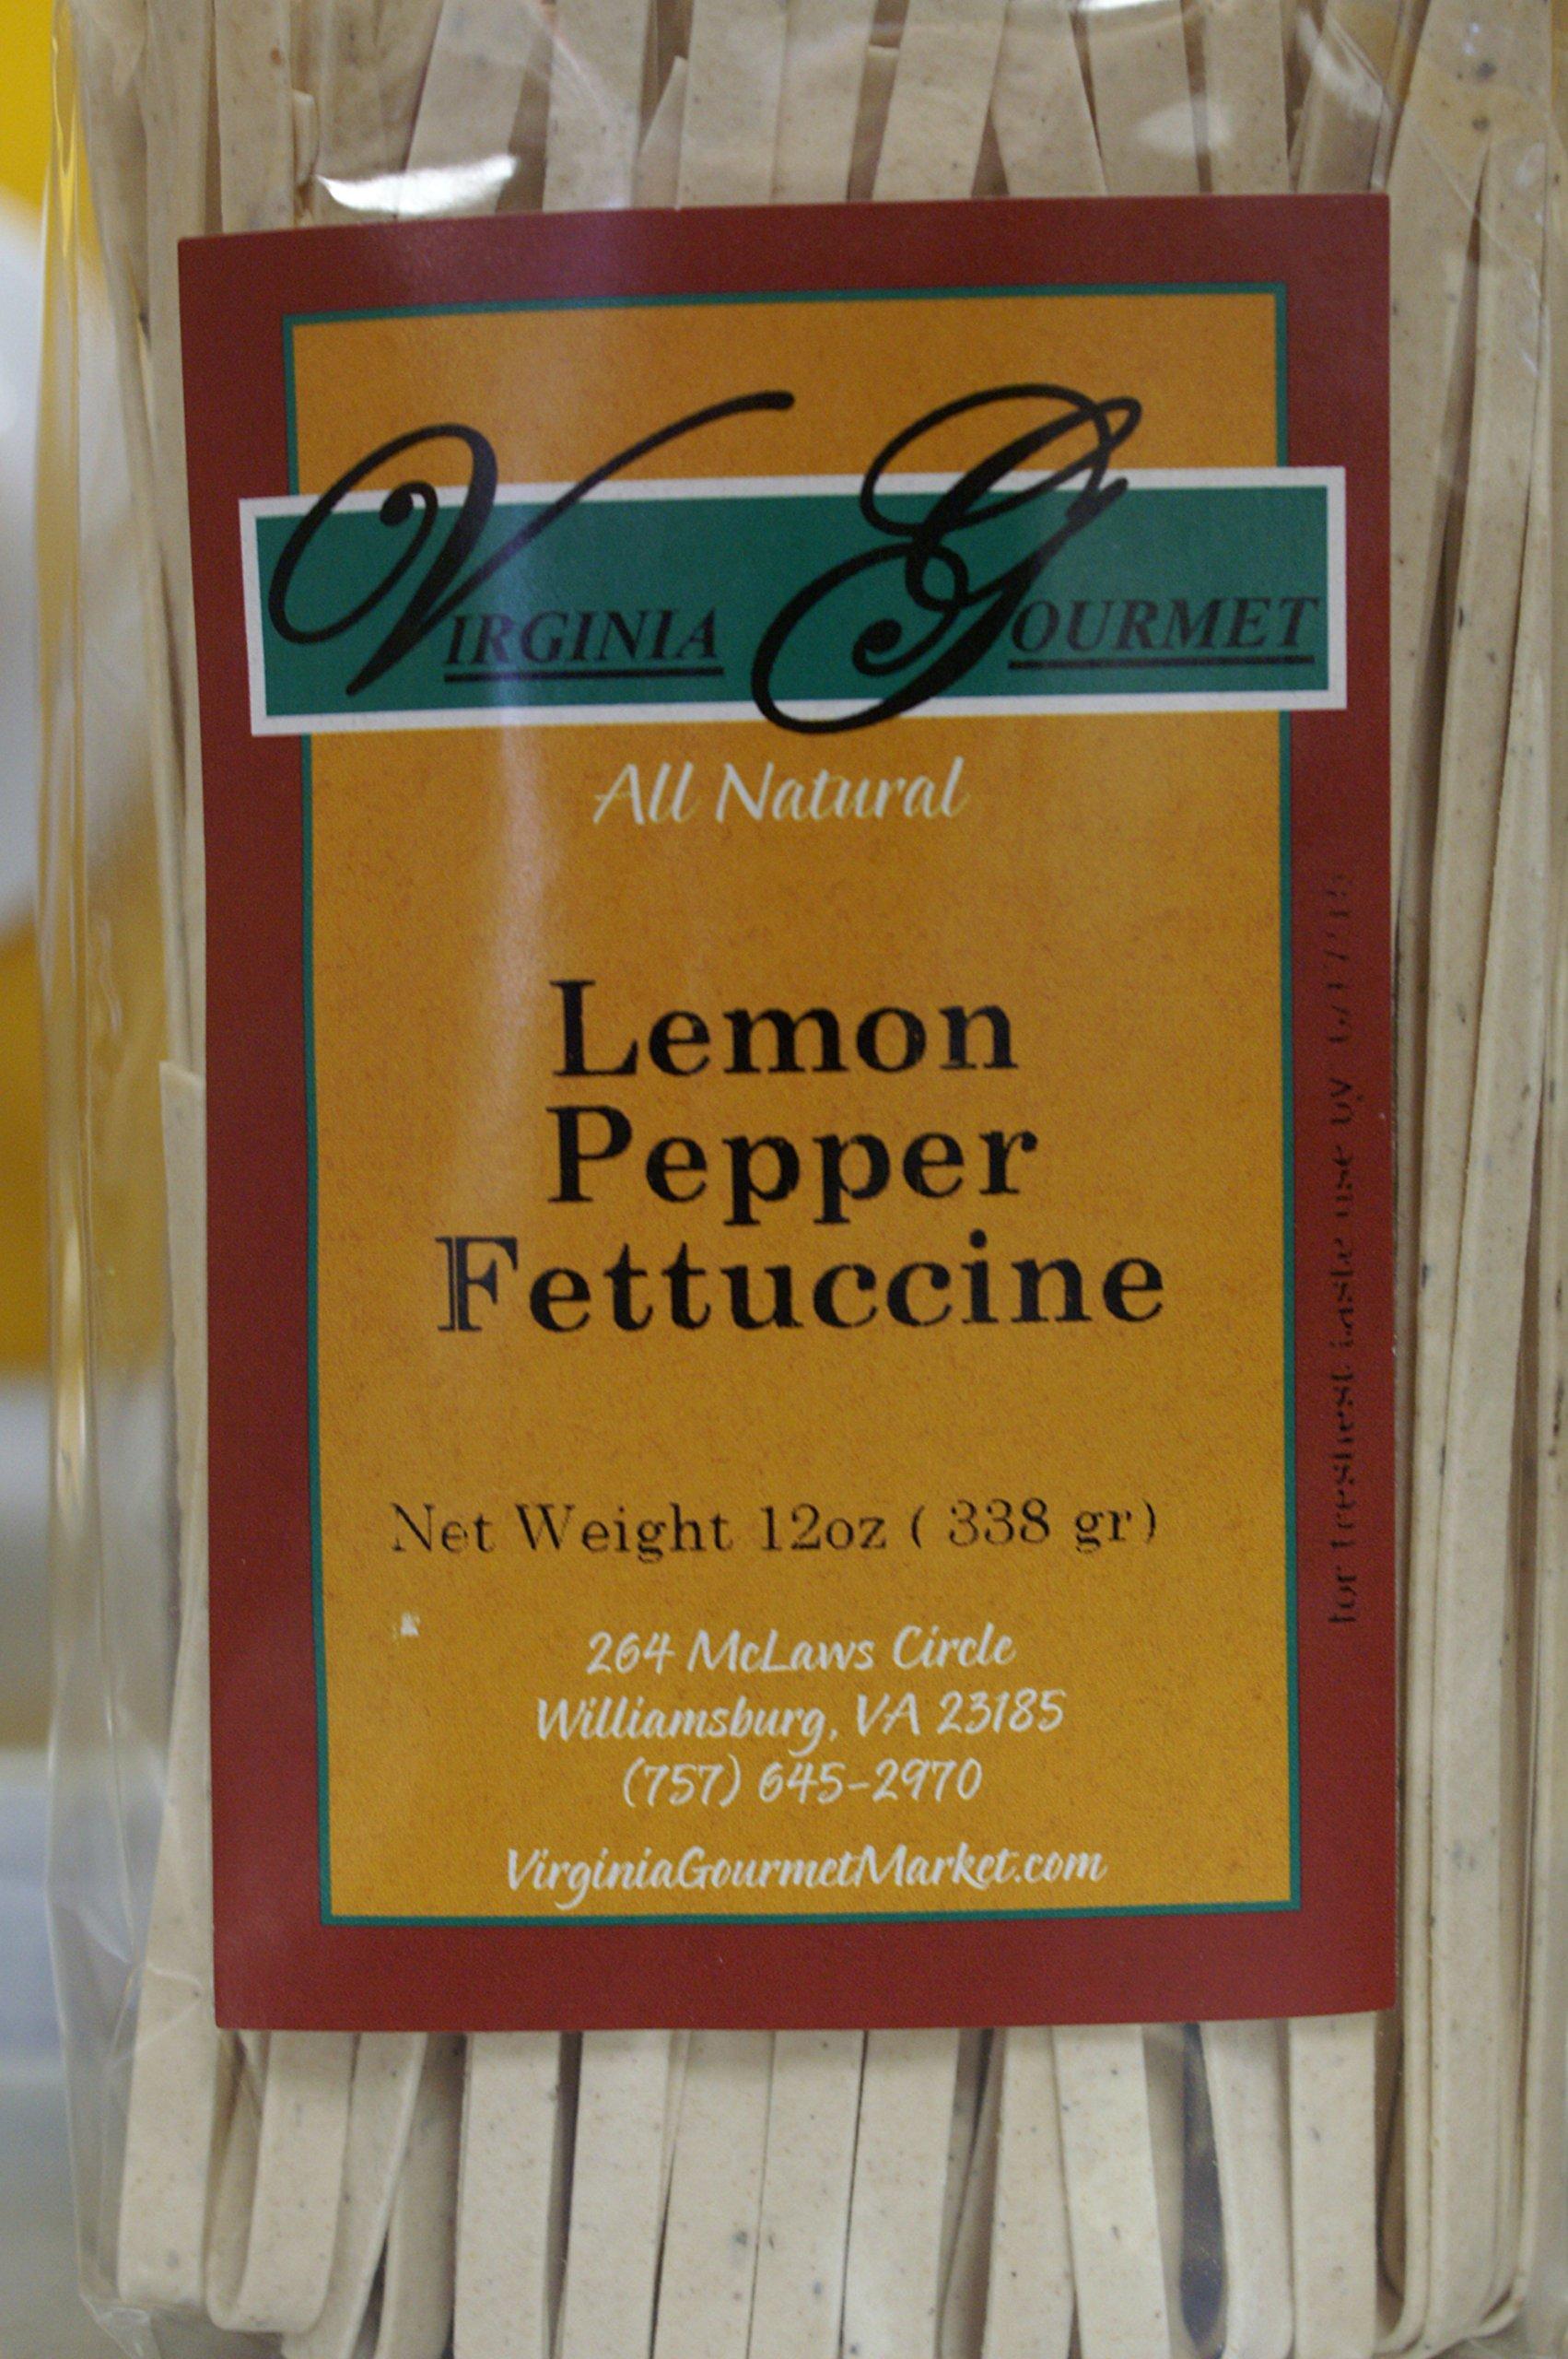 Lemon Pepper Fettuccine Pasta - All Natural Vegan Freshly Handmade